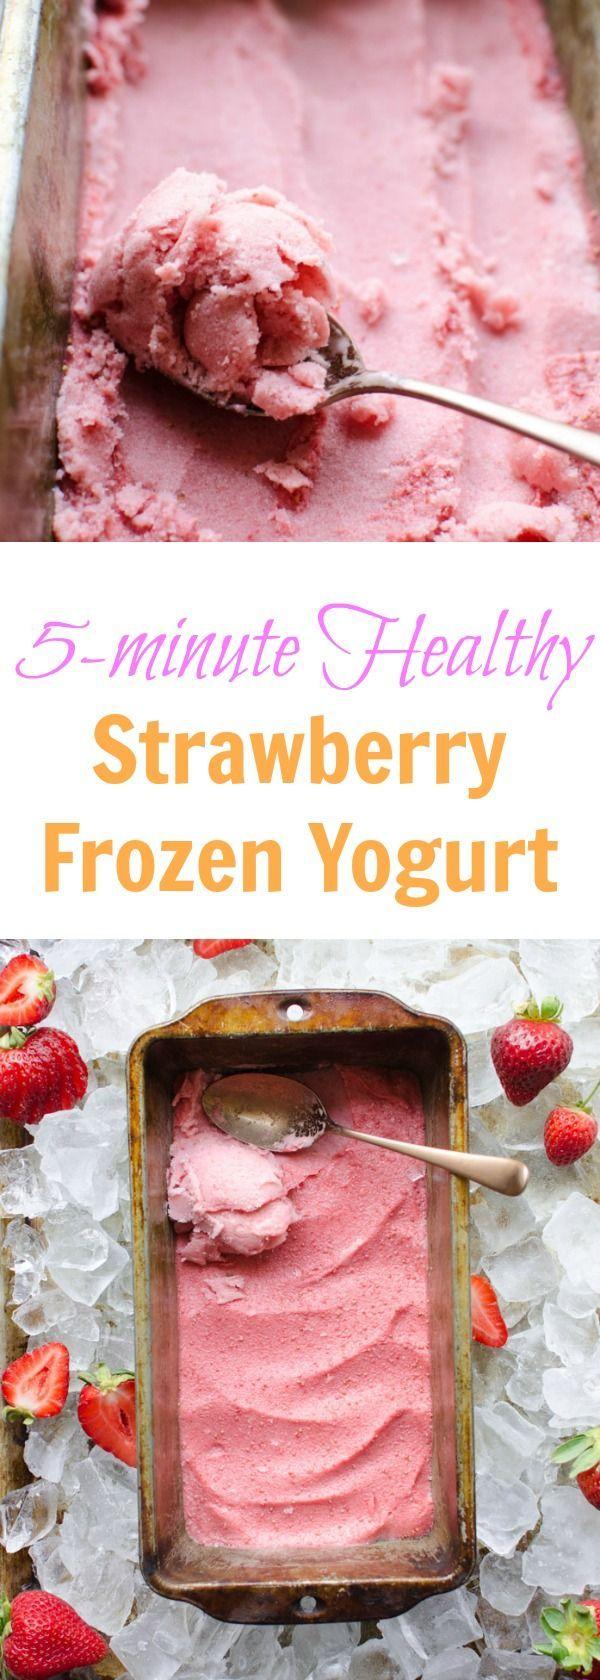 4 Ingredient Healthy Strawberry Frozen Yogurt recipe (made in 5 minutes!)